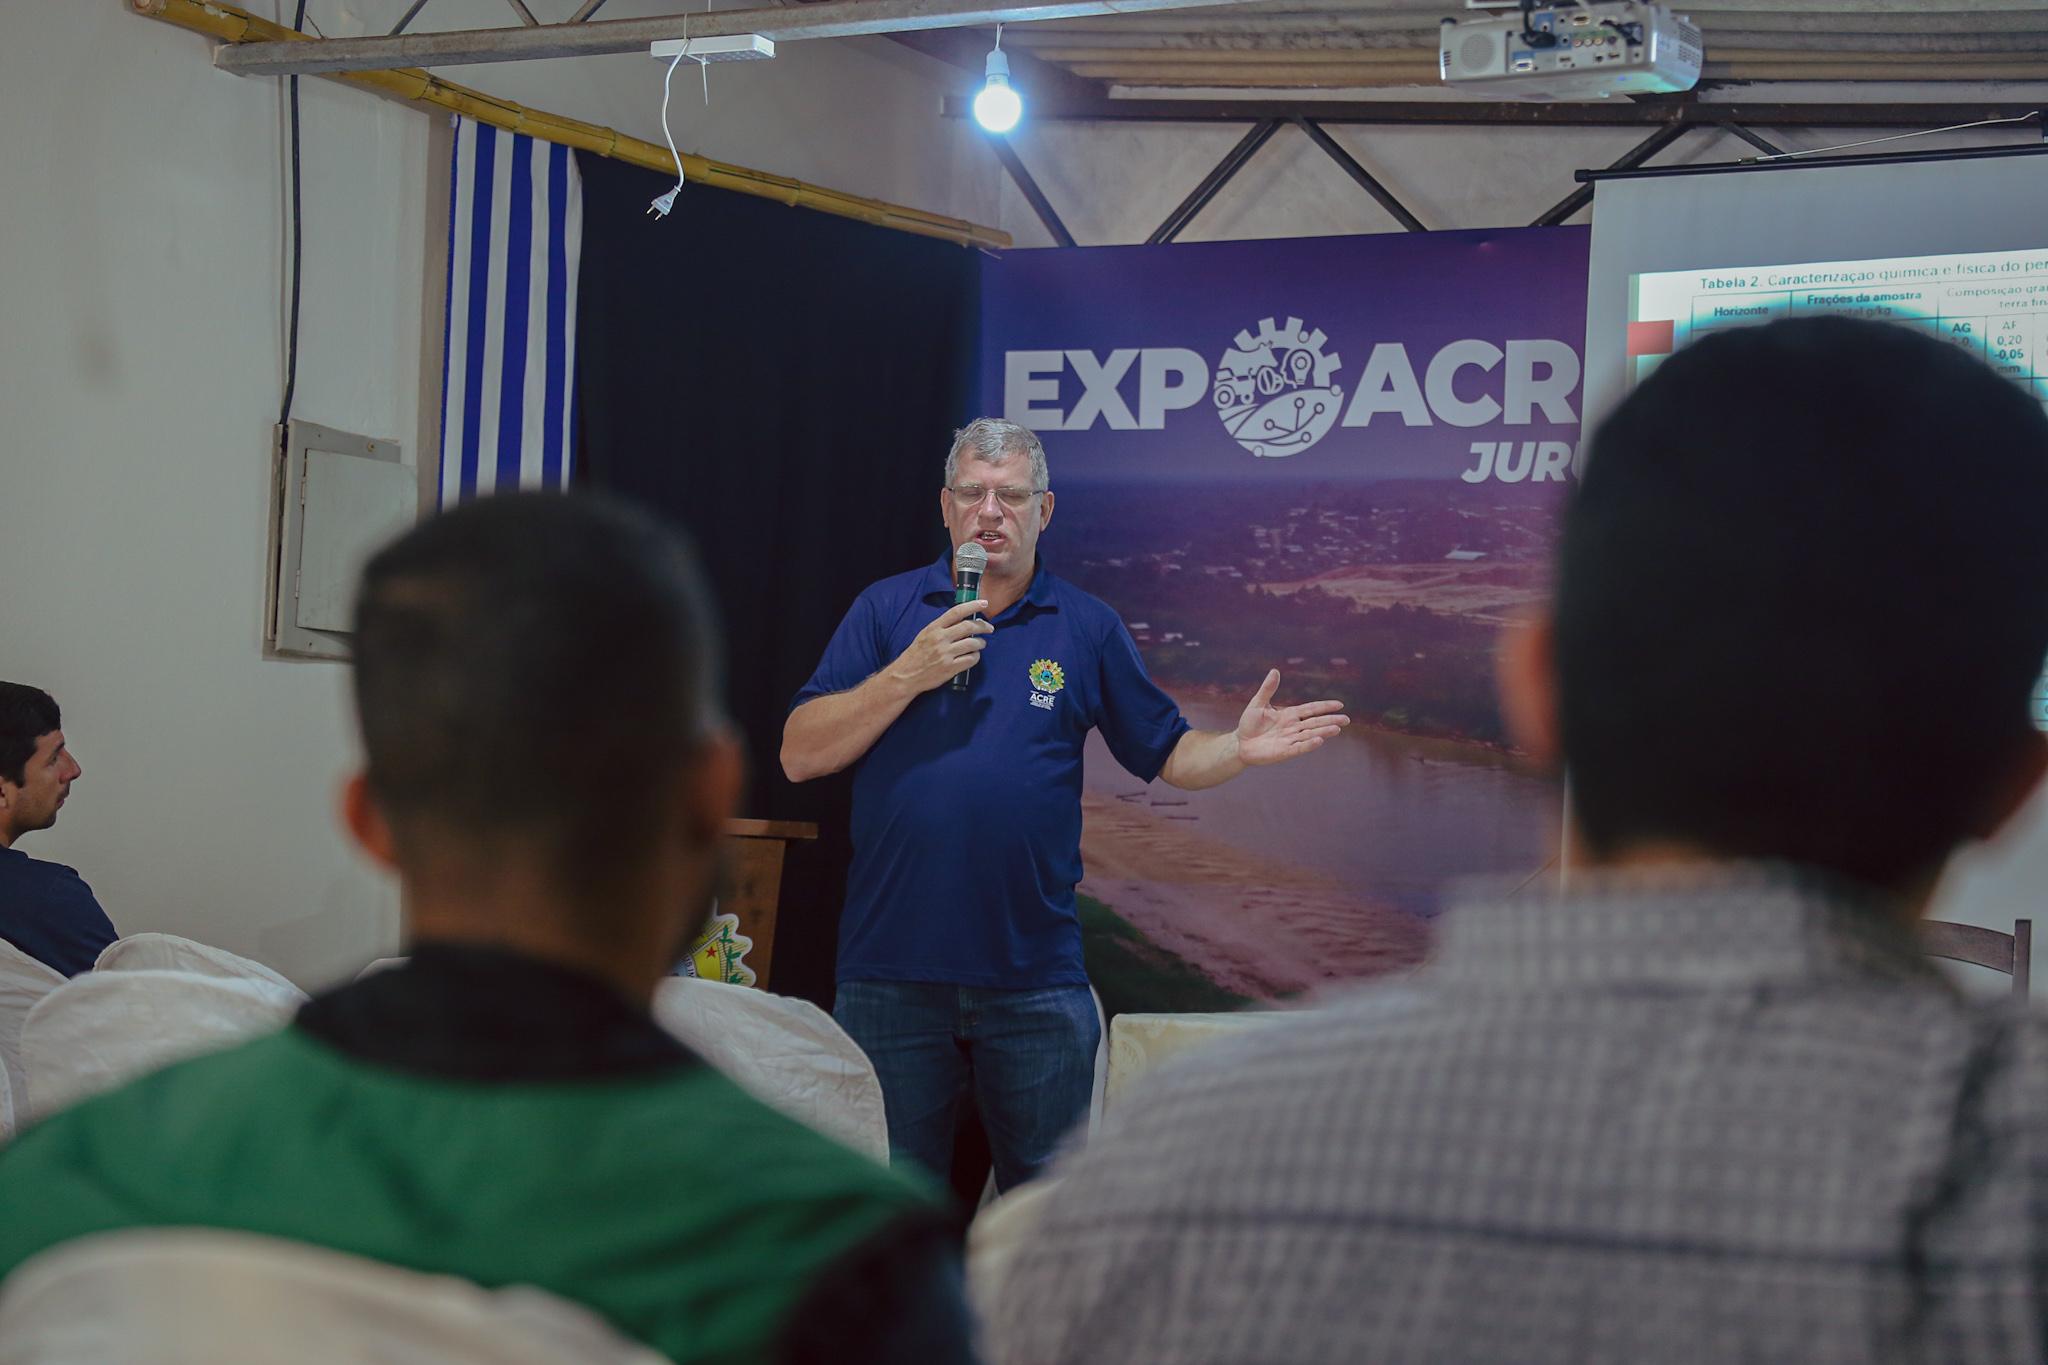 Qualidade dos solos do Acre é discutida em palestra durante a Expoacre Juruá